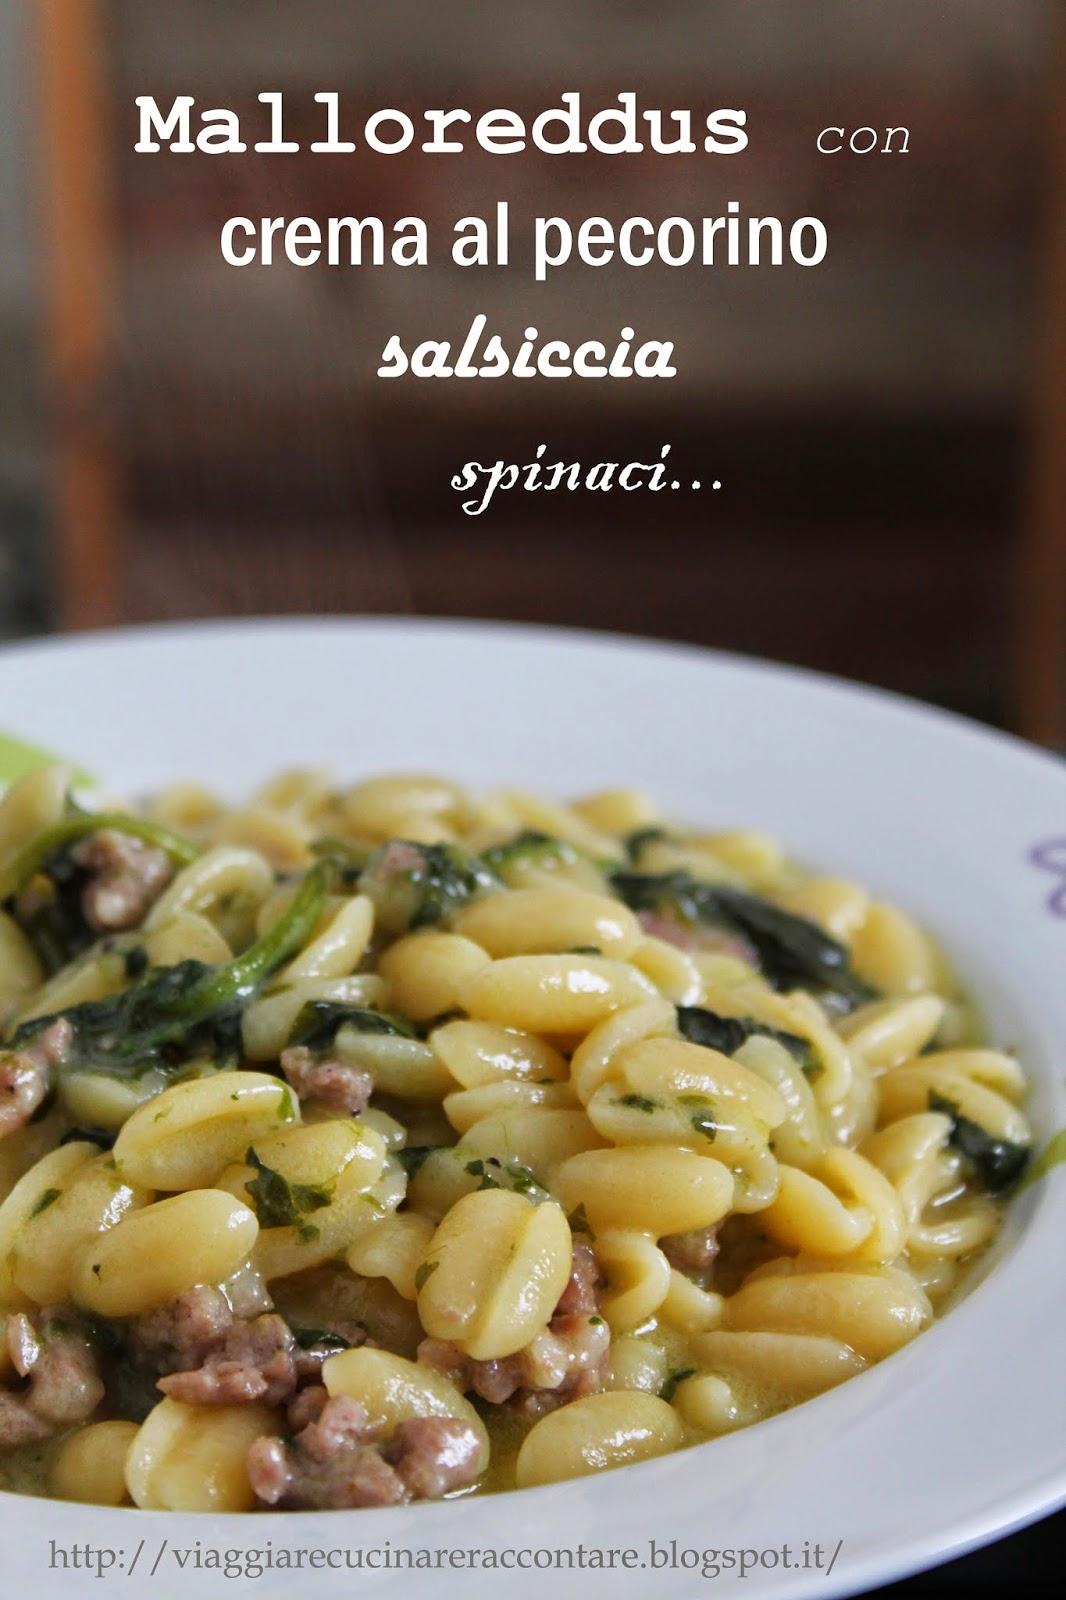 malloreddus con salsiccia, spinaci e crema di pecorino